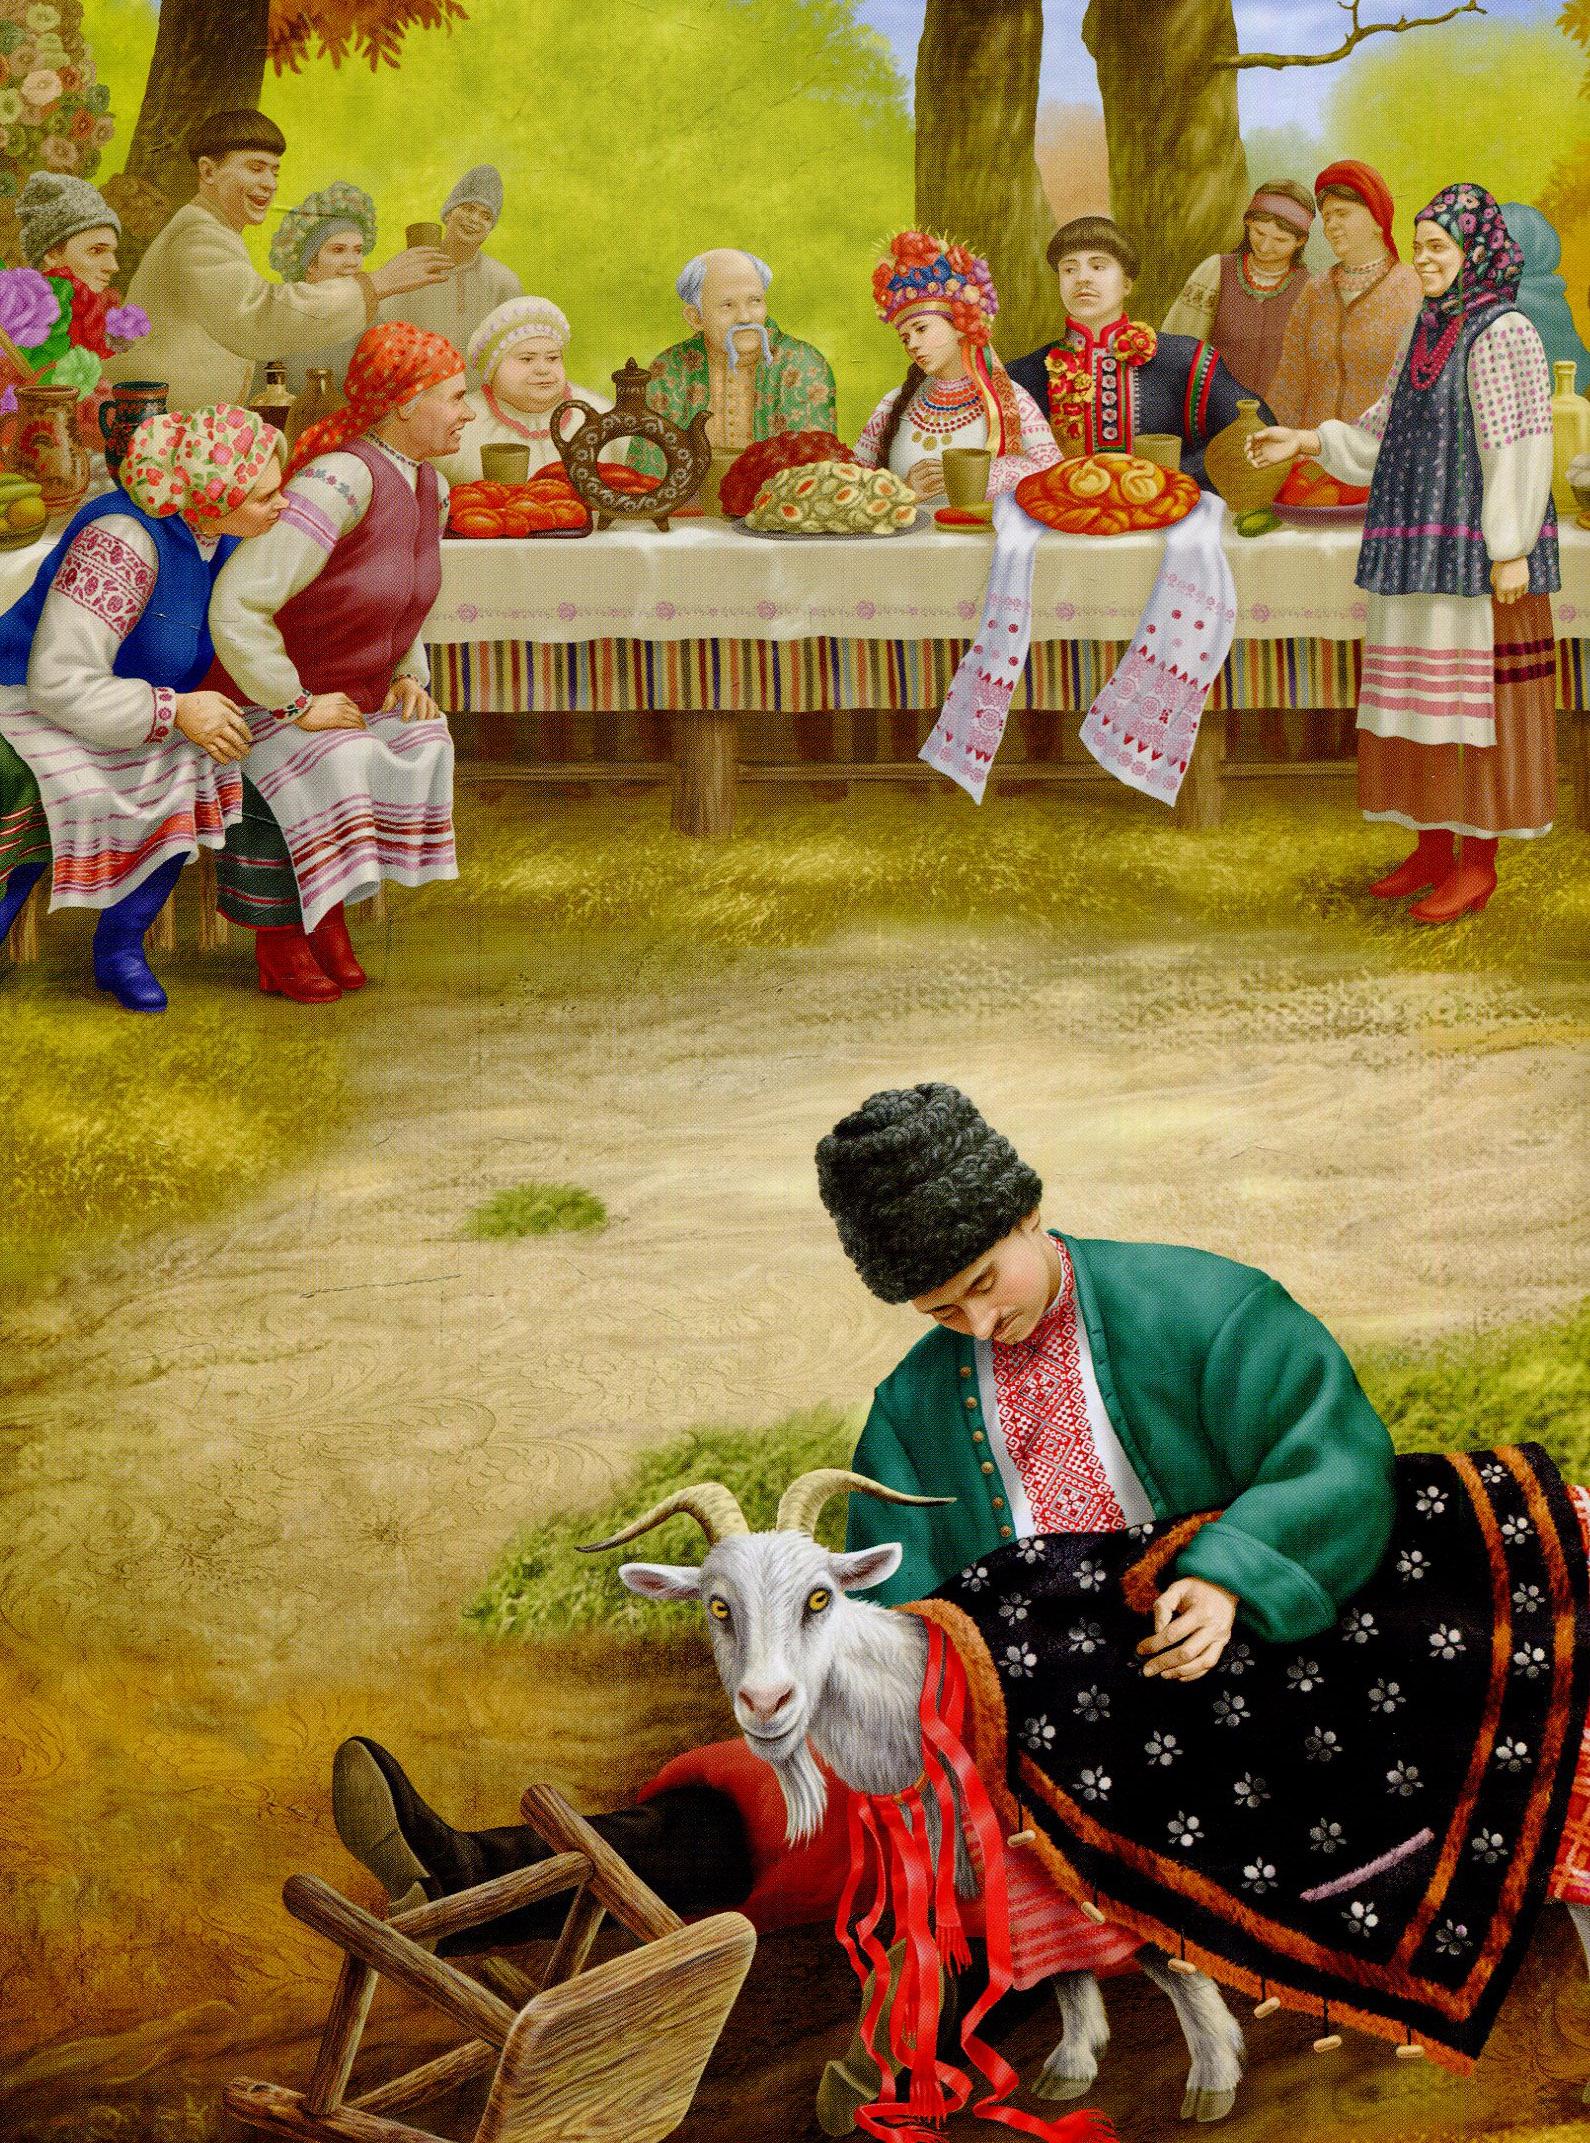 Сказка украинская картинки